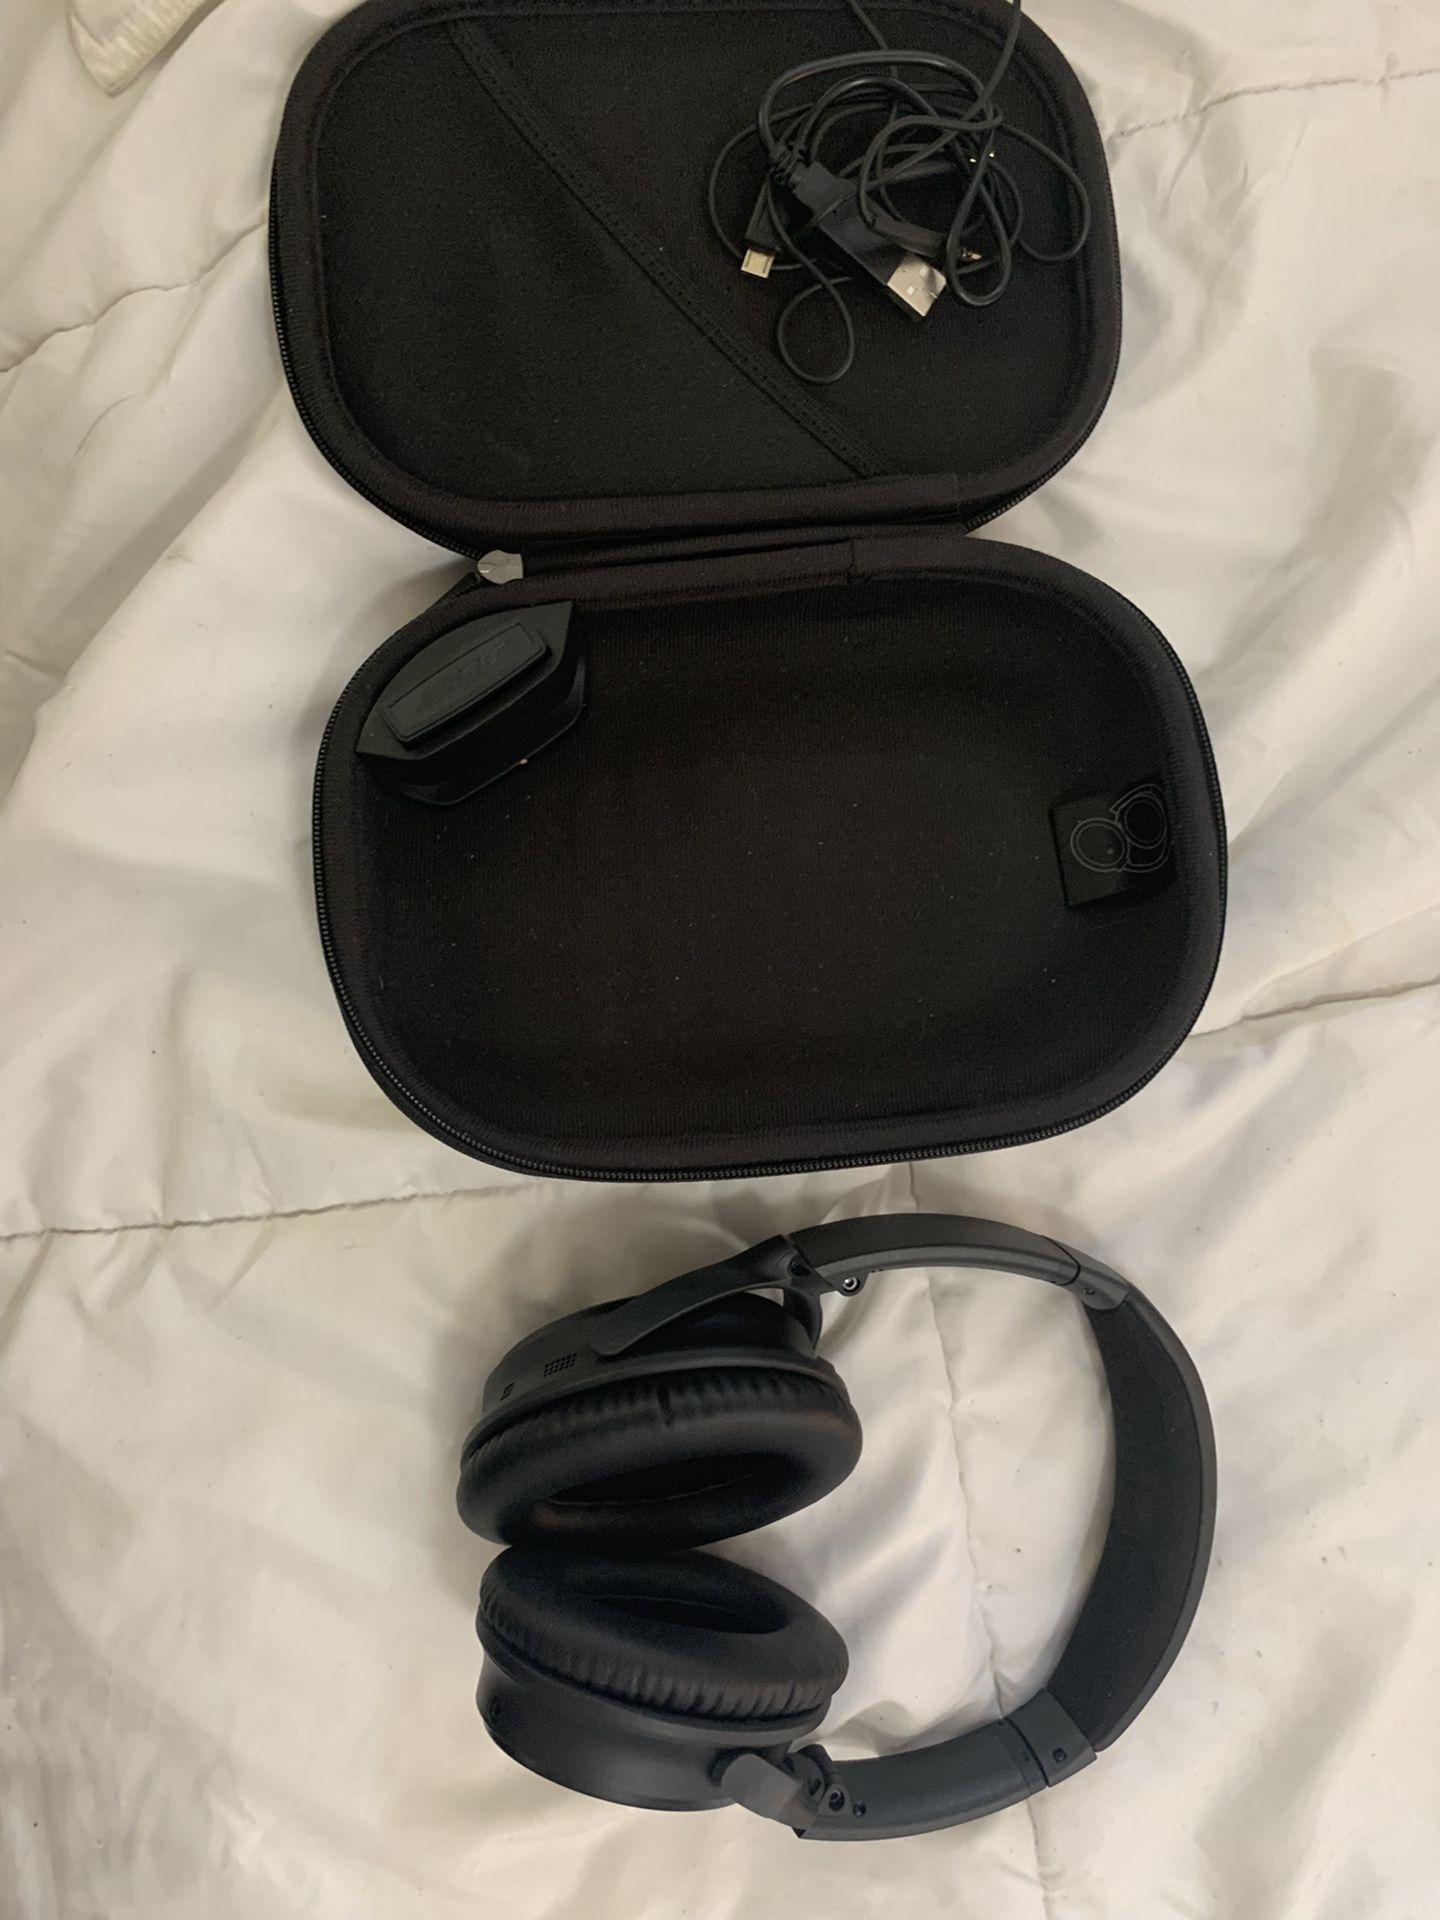 Bose Quiet Comfort 45 Headphones